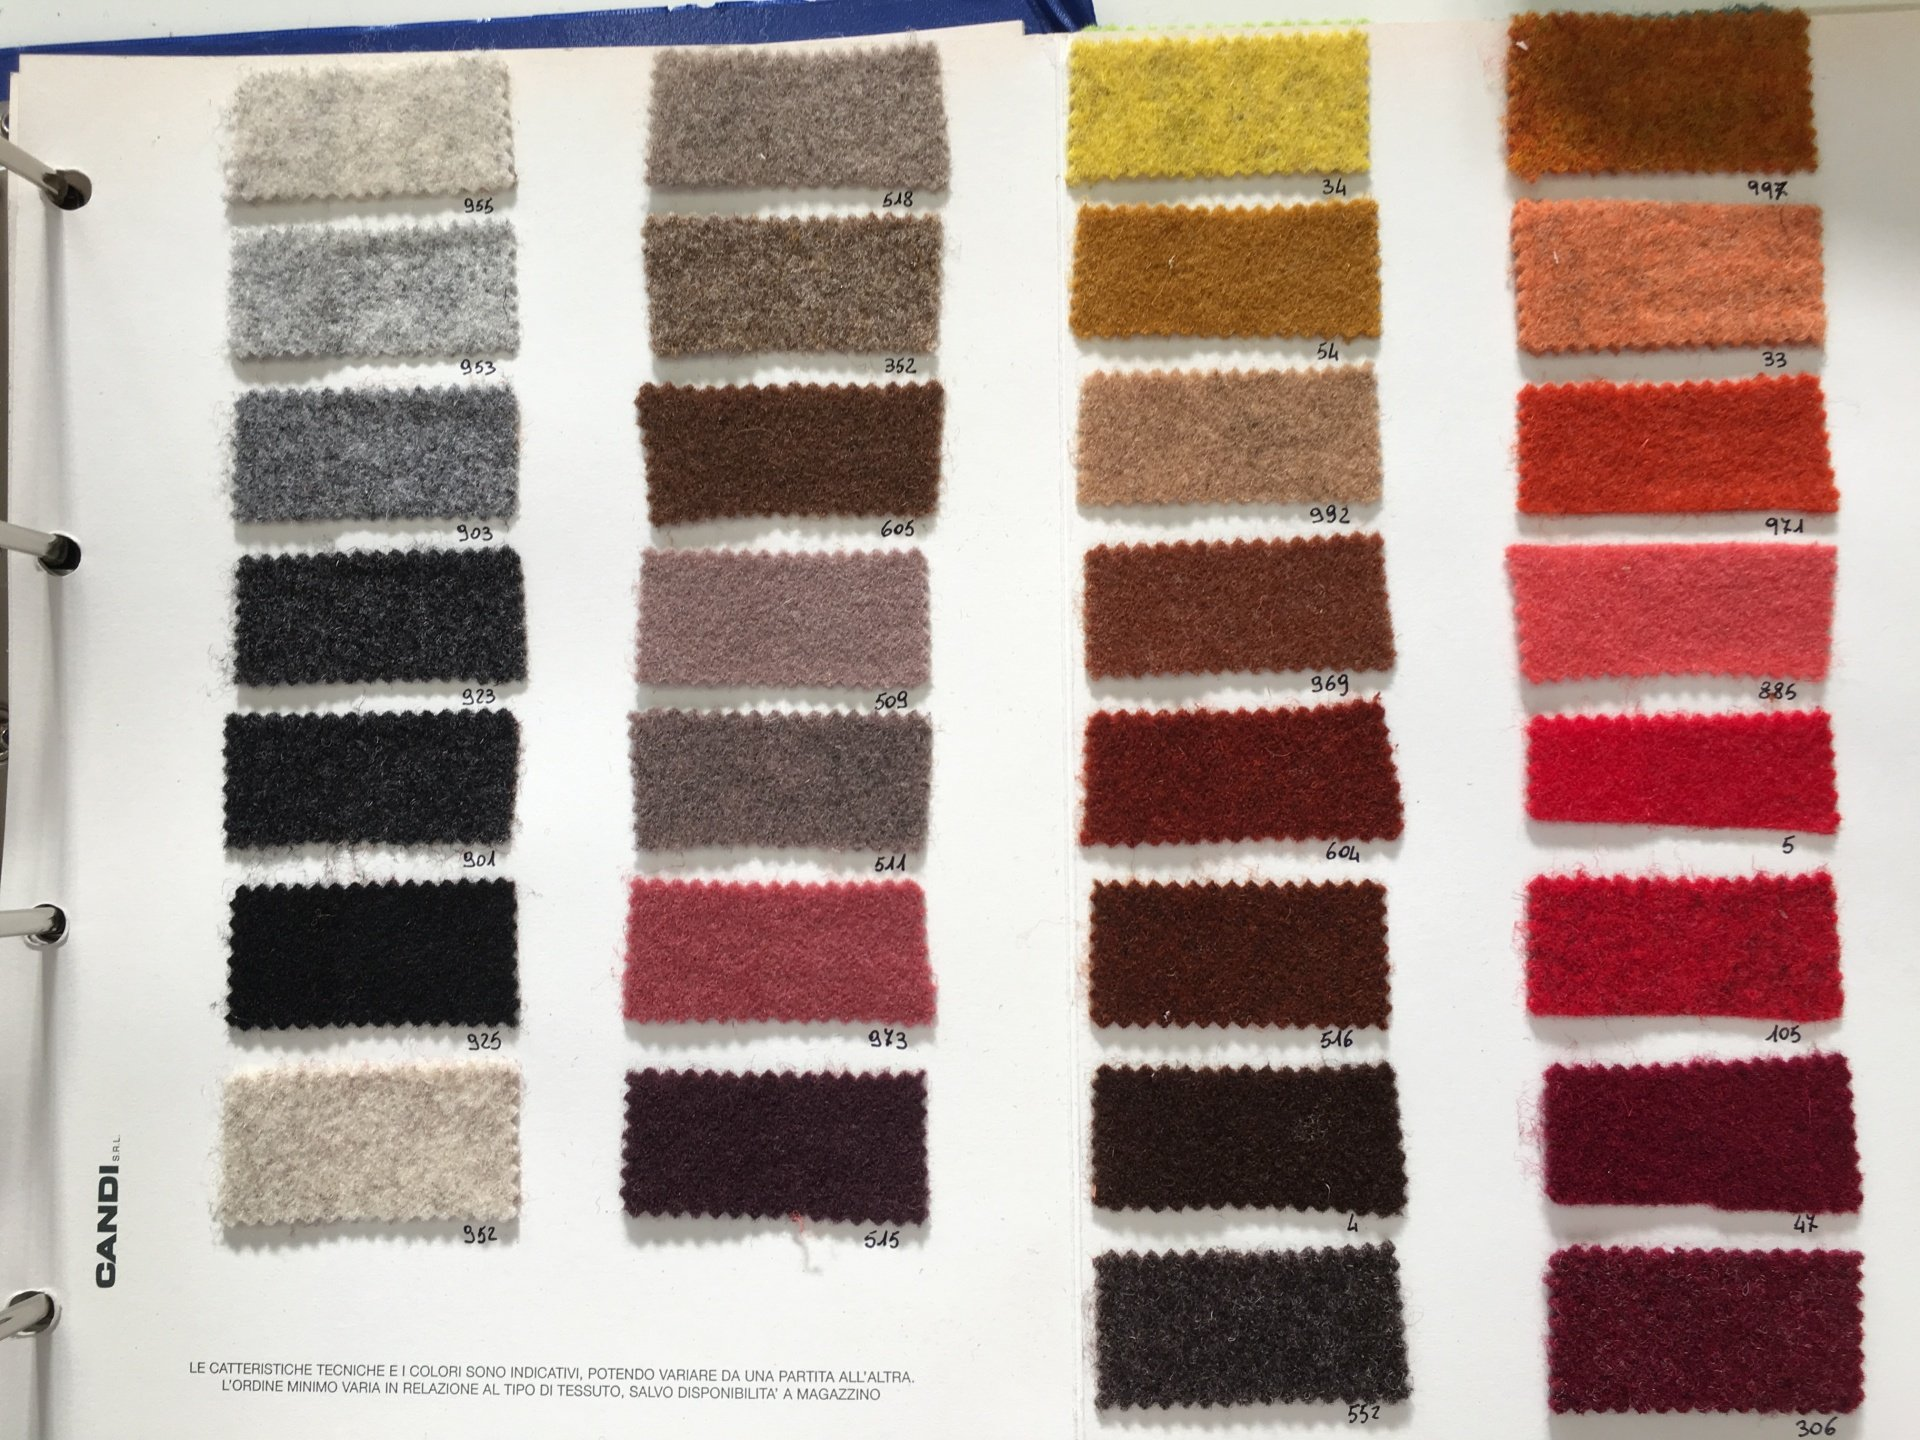 Tessuti per abbigliamento e arredamento milano candi for Tessuti d arredamento milano